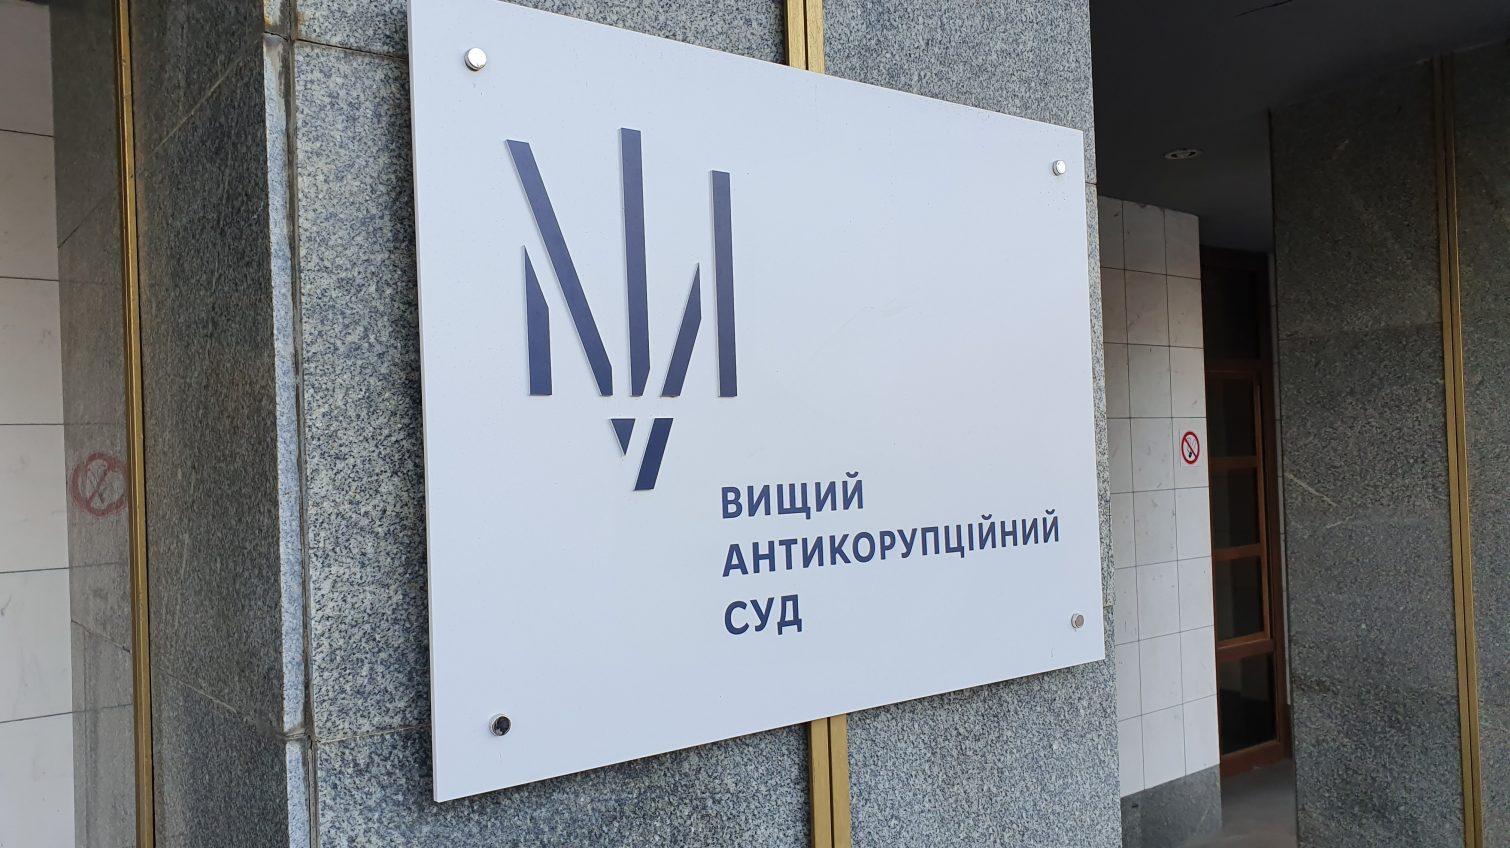 Признаны виновными: два сотрудника Одесского управления СБУ требовали деньги у священника «фото»